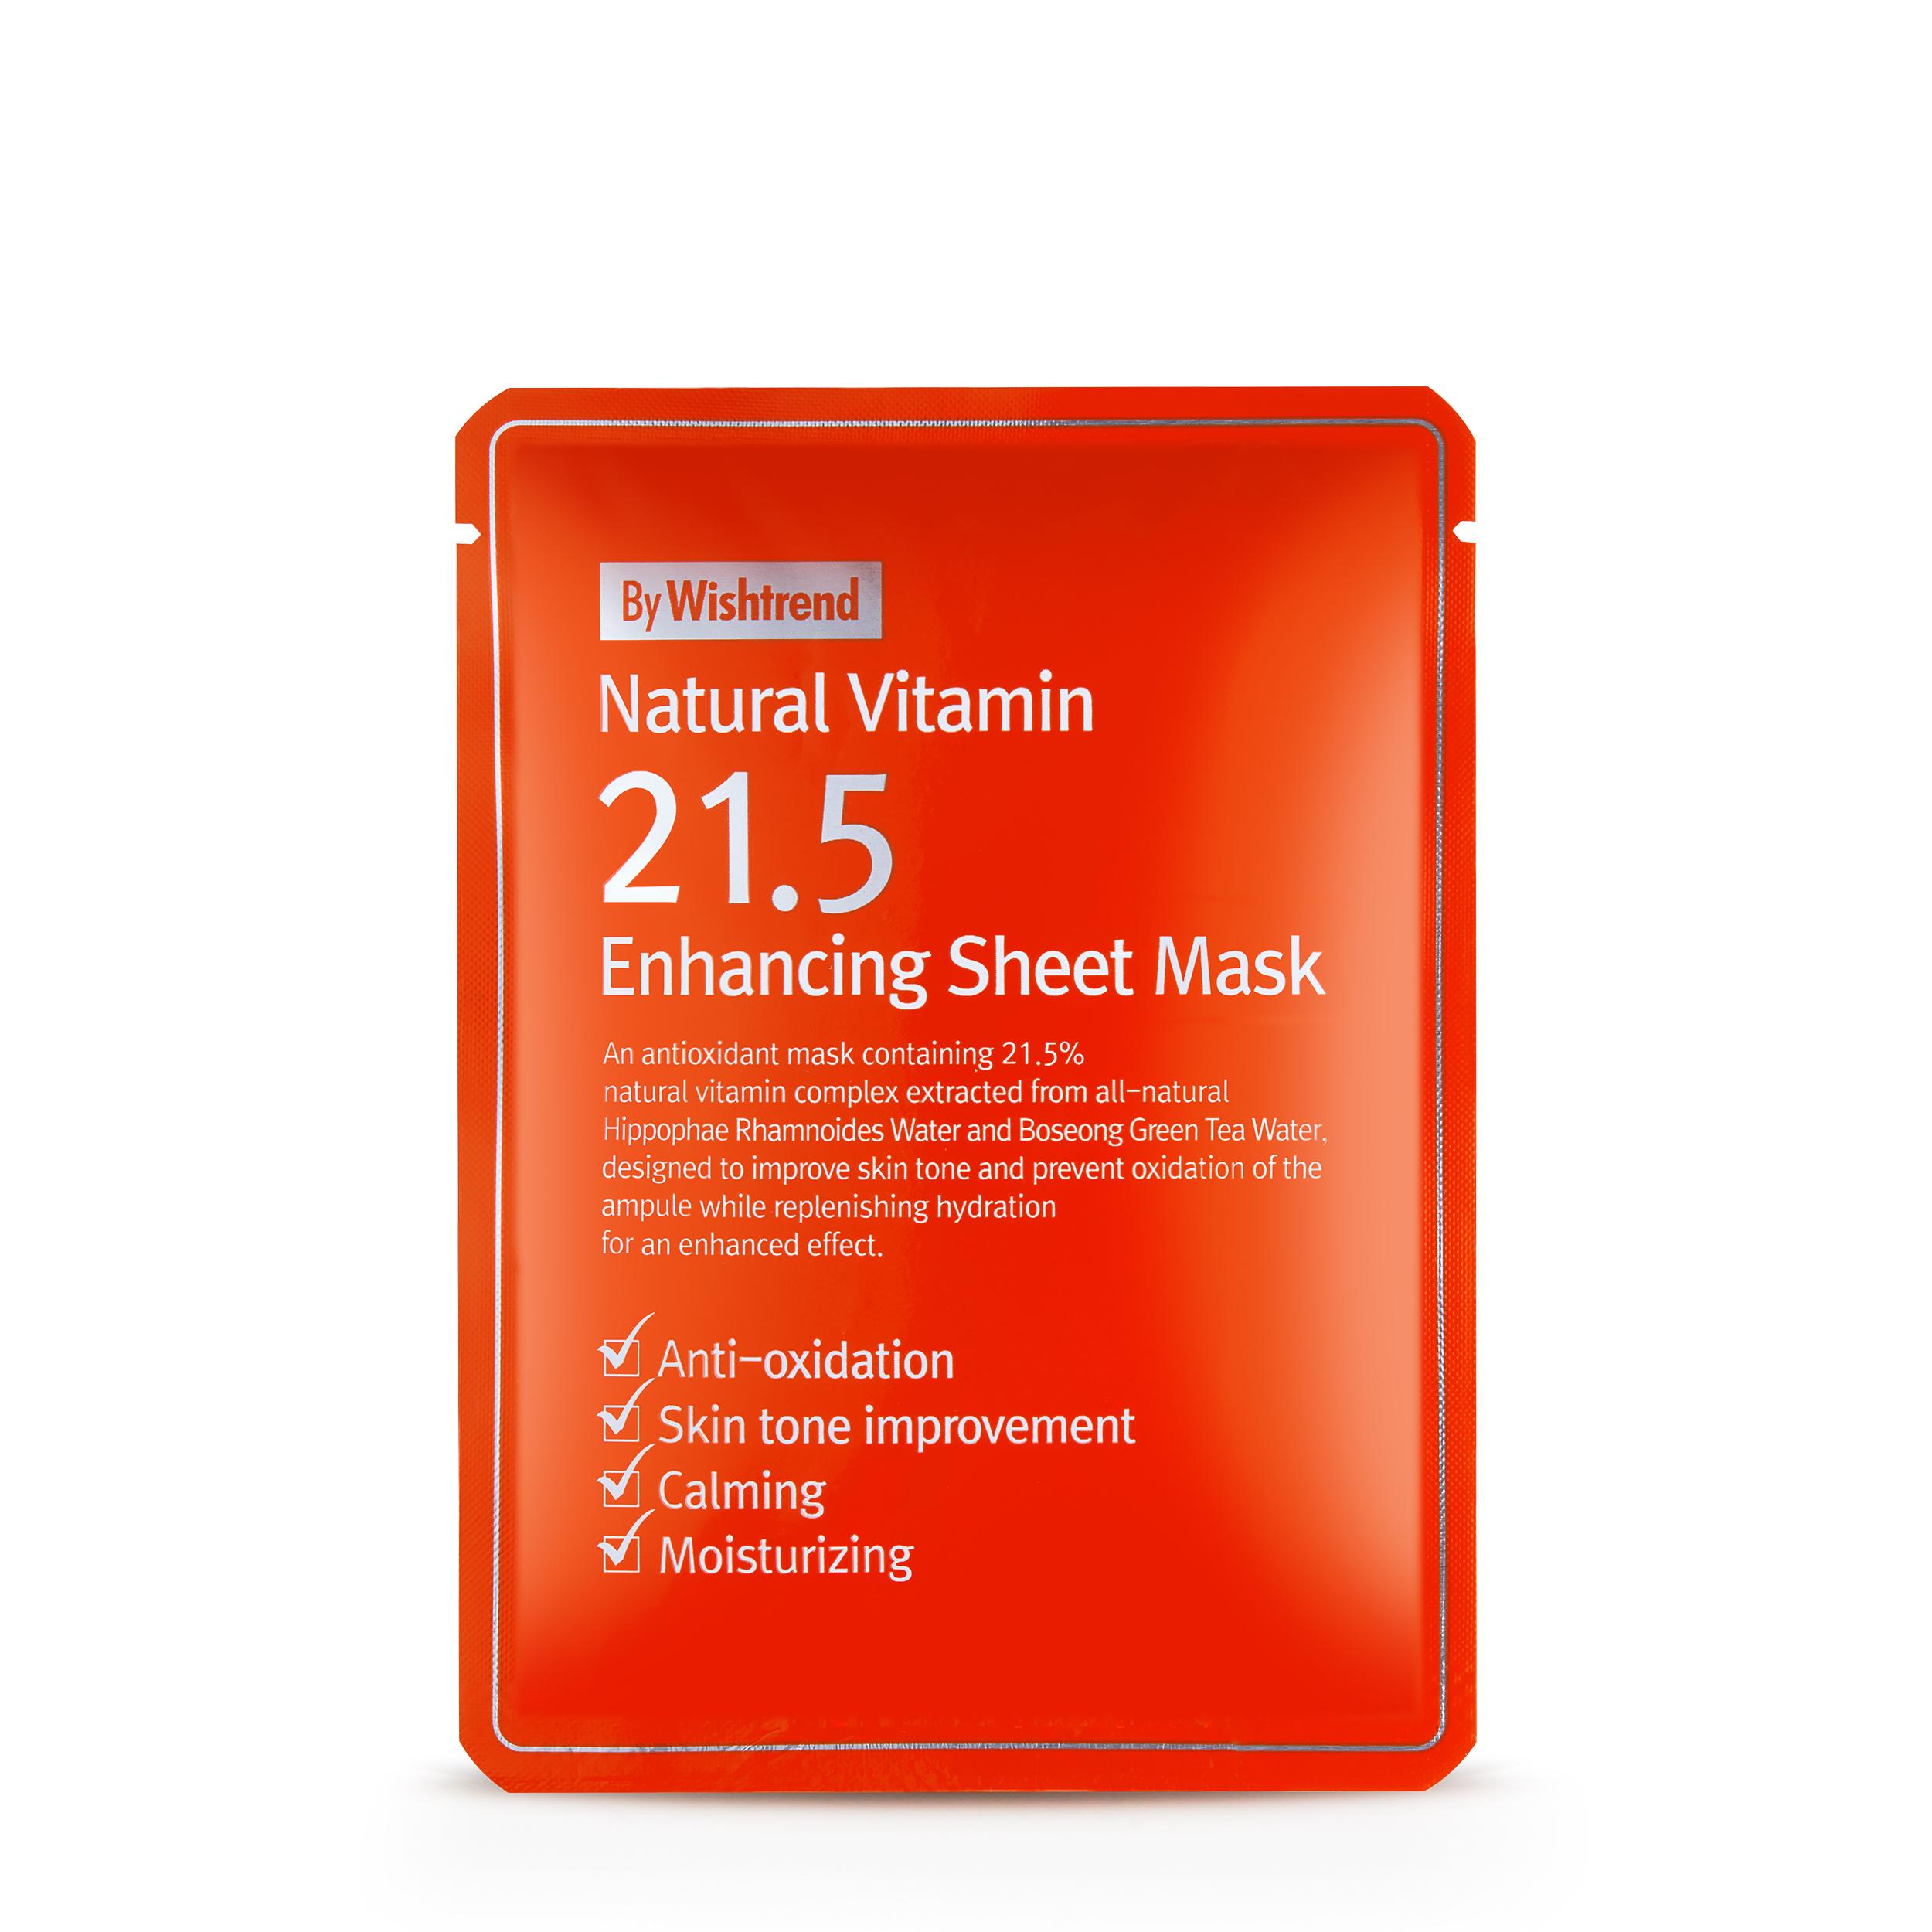 By Wishtrend Тканевая маска с витамином С 21.5% 0,21 мл фото